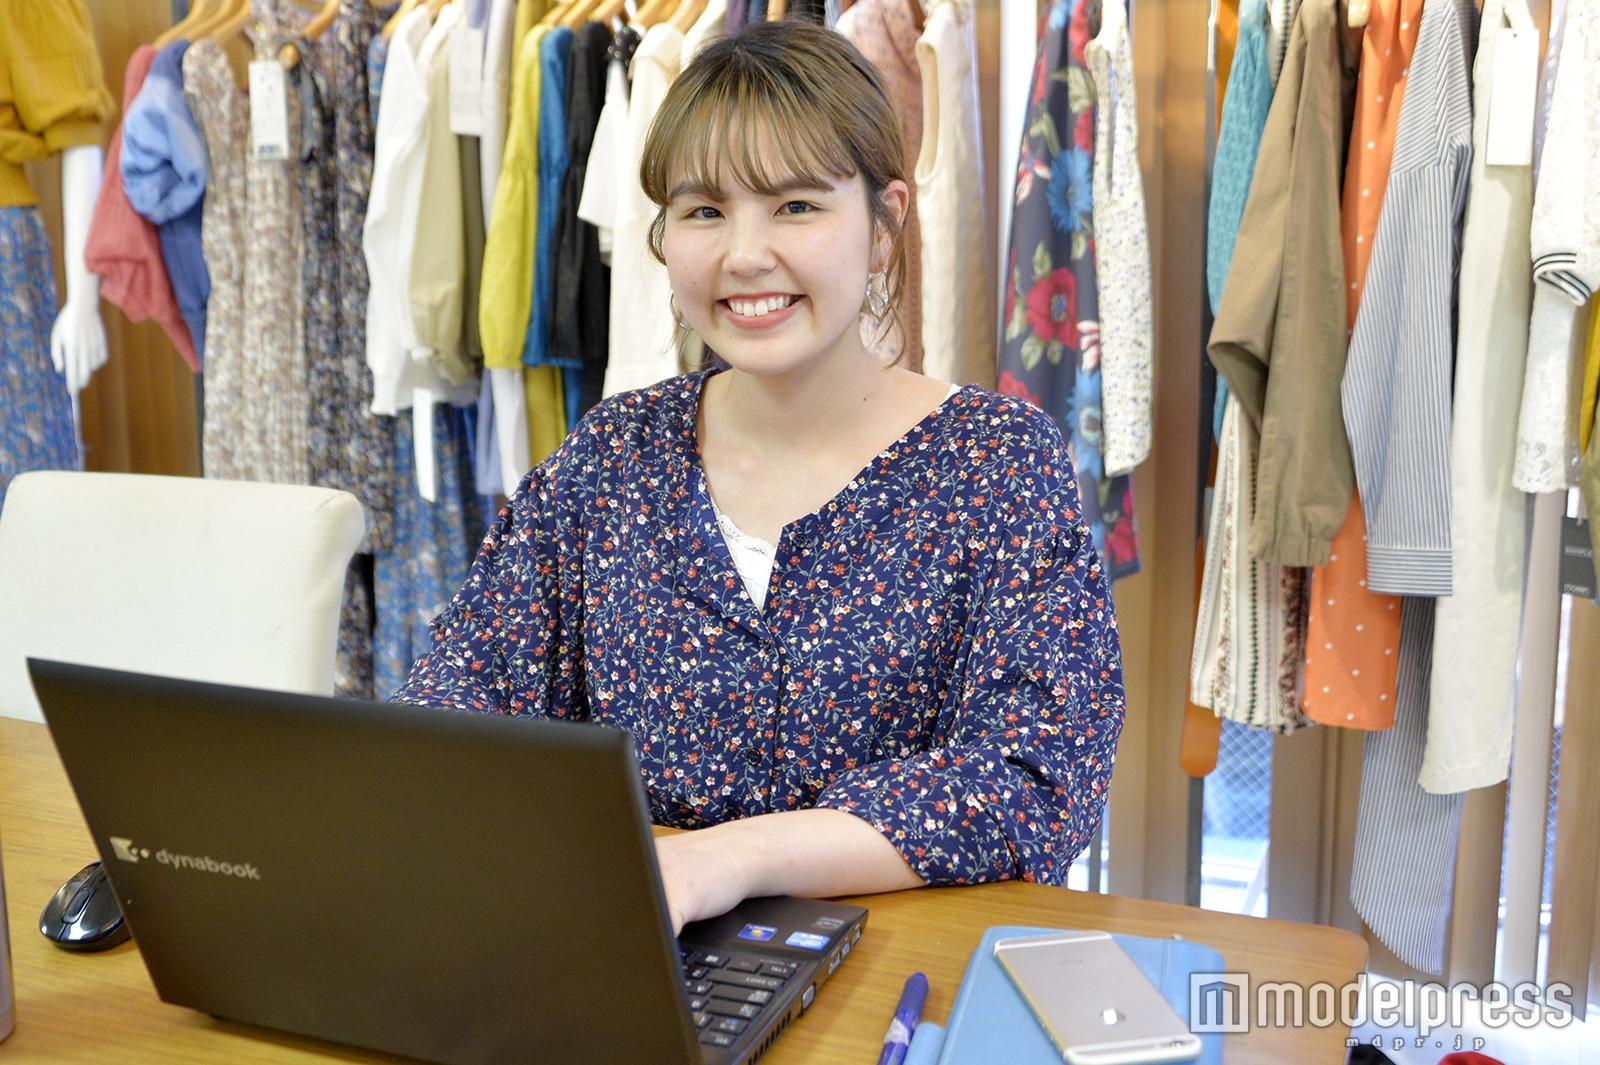 モデルプレスのインタビューに応じた山本栞奈さん(C)モデルプレス